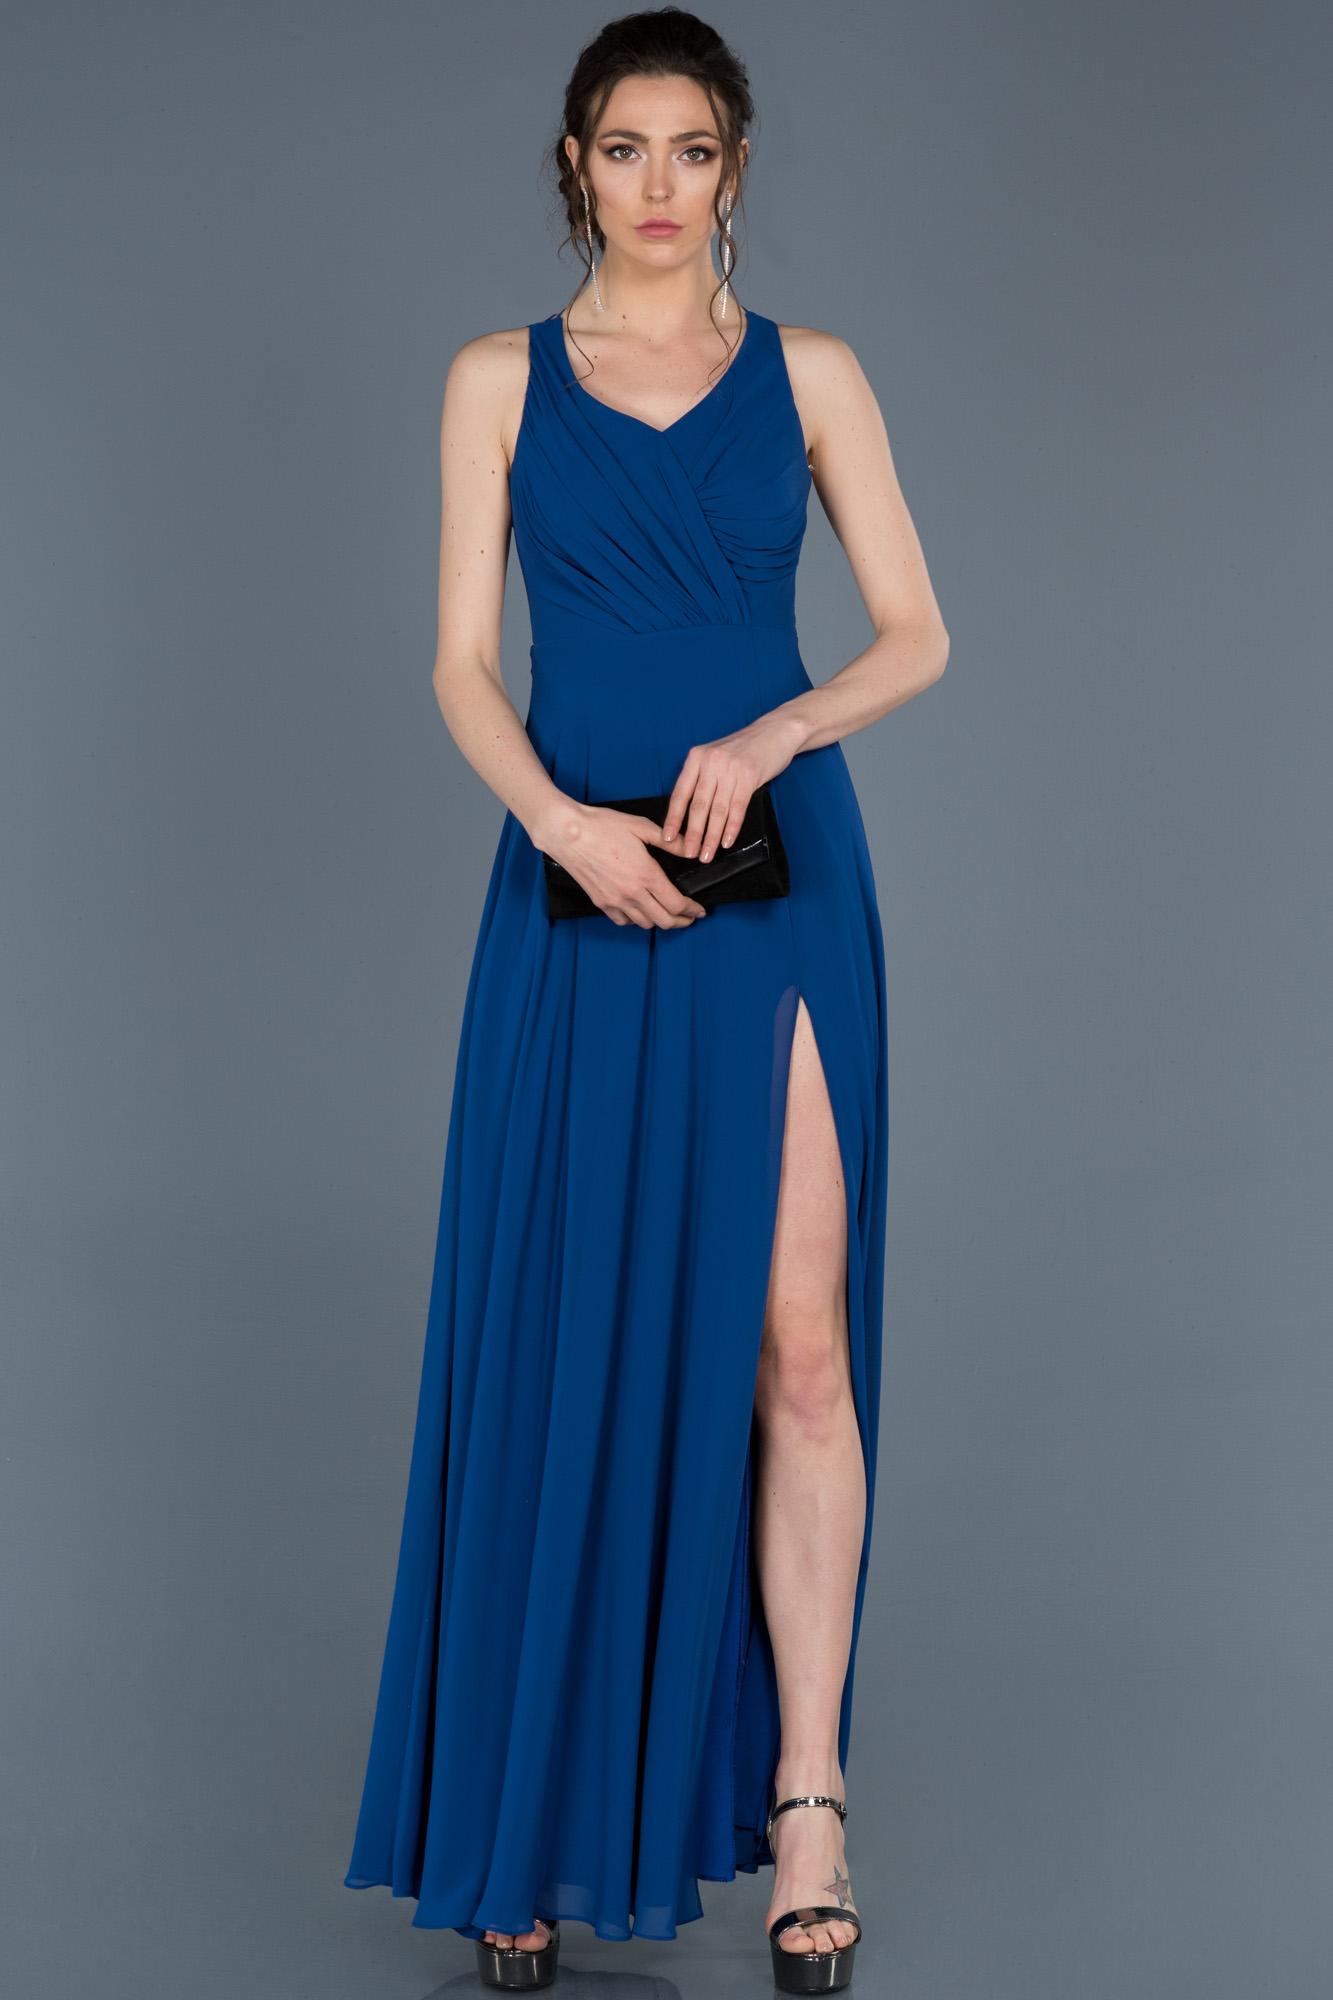 Saks Mavi Uzun Yırtmaçlı Abiye Elbise